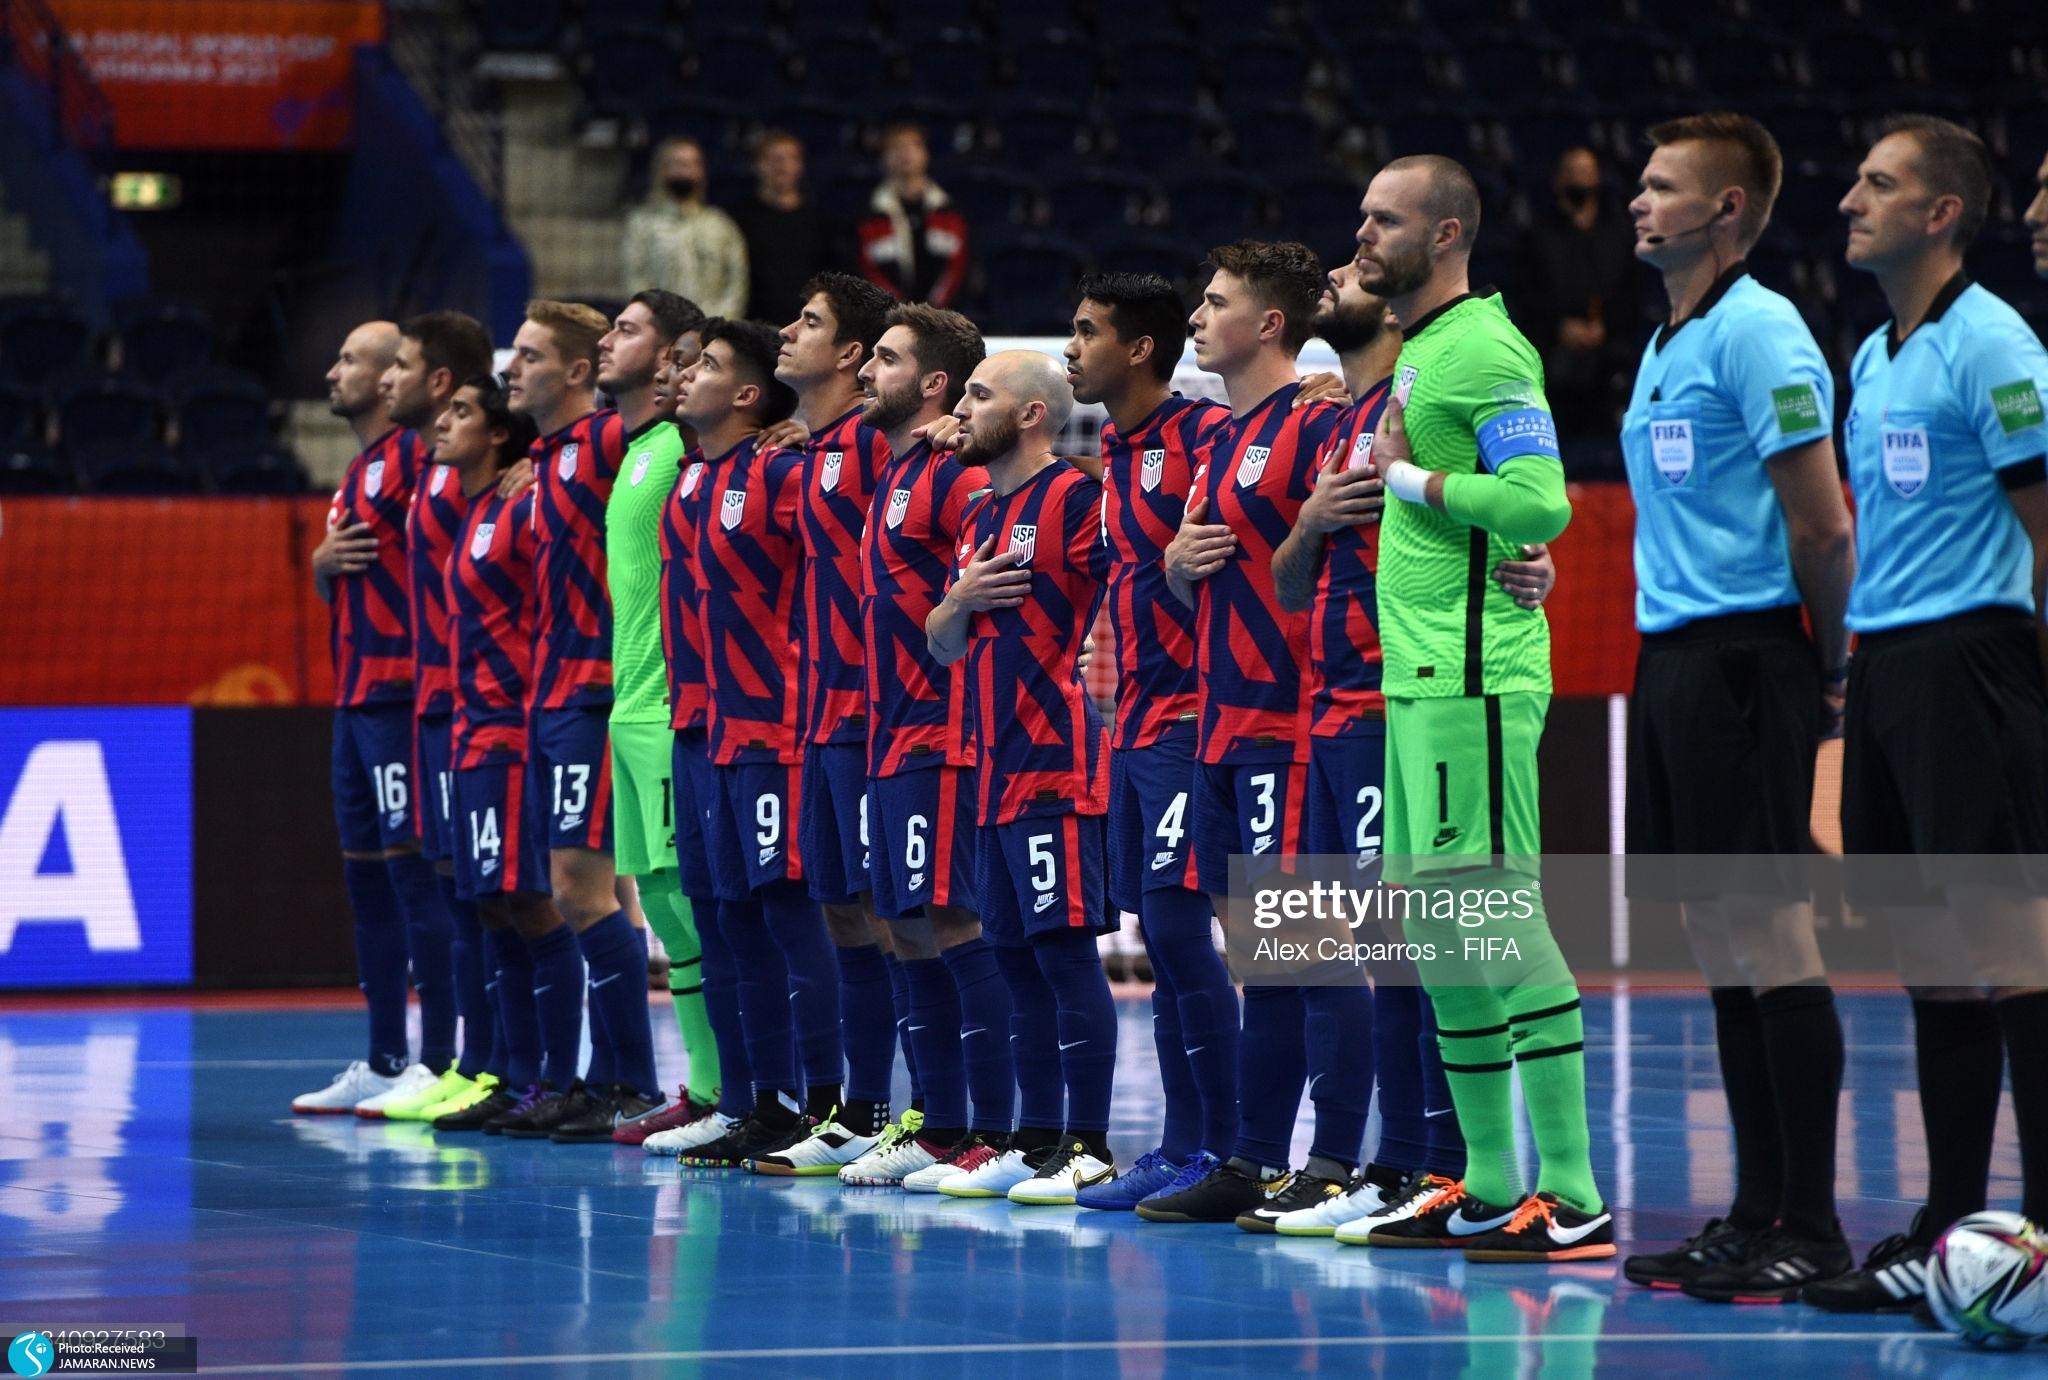 جام جهانی فوتسال 2021- ایران - آمریکا